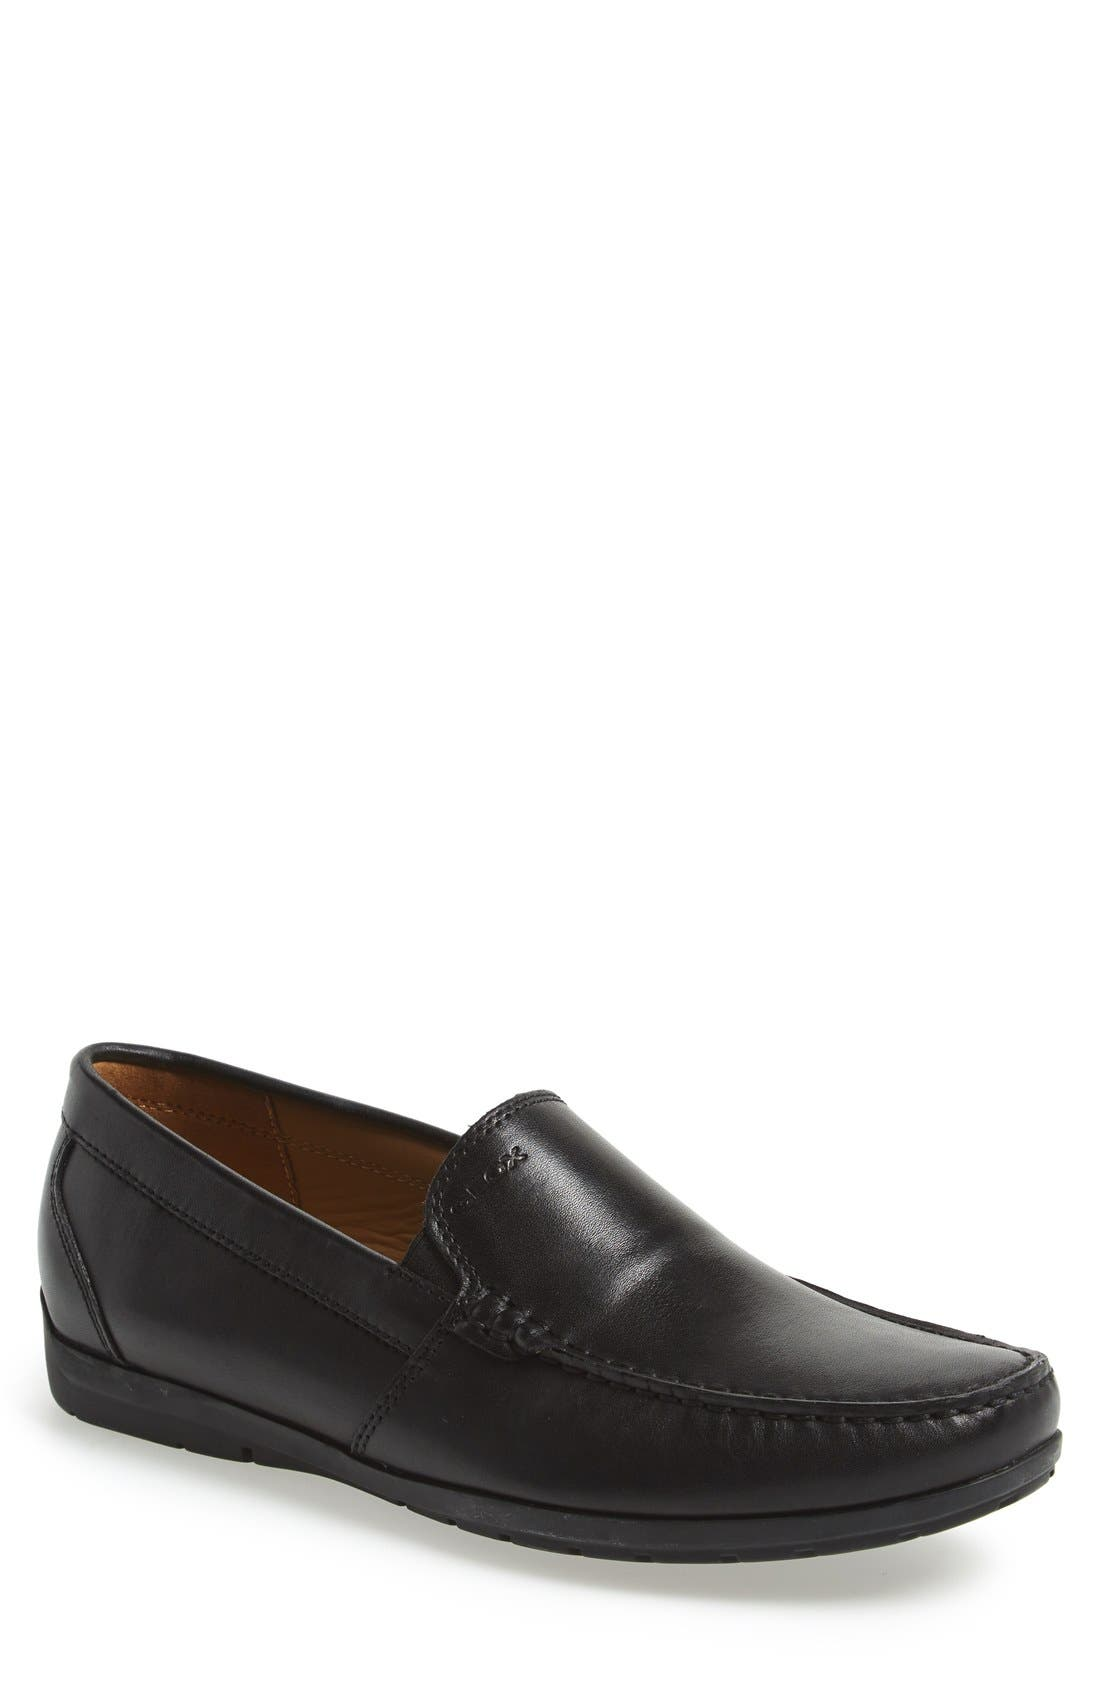 Alternate Image 1 Selected - Geox 'Simon W2' Venetian Loafer (Men)